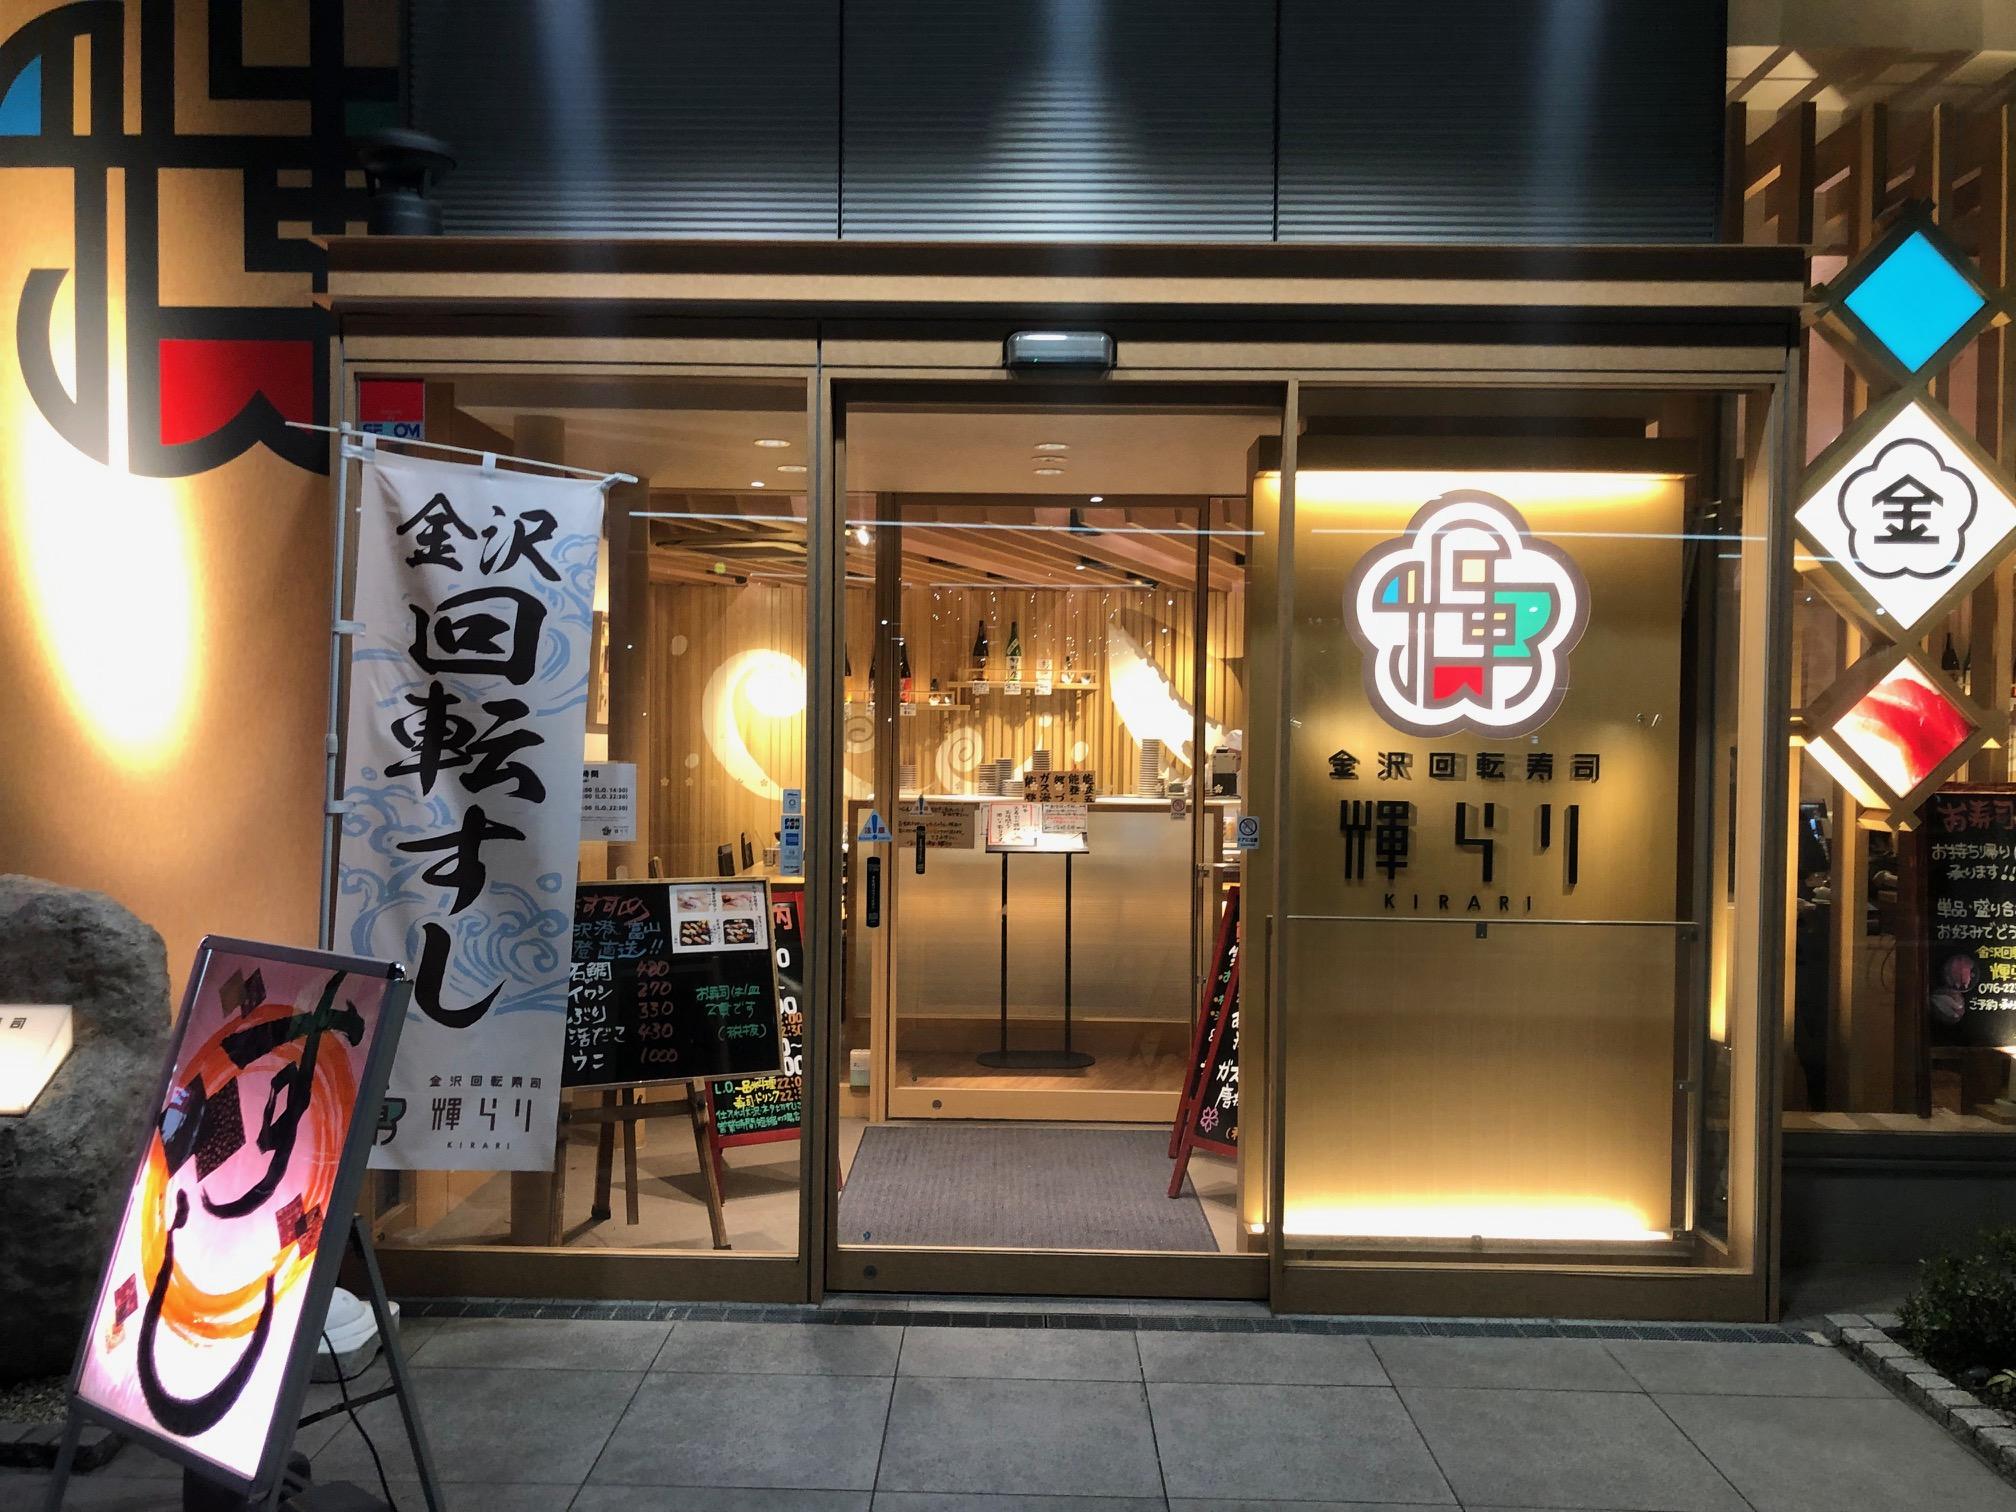 金沢回転寿司、輝らり(きらり) 金沢の最高の地魚を堪能出来る、金沢駅近、子供、家族連れに優しいお寿司屋さん